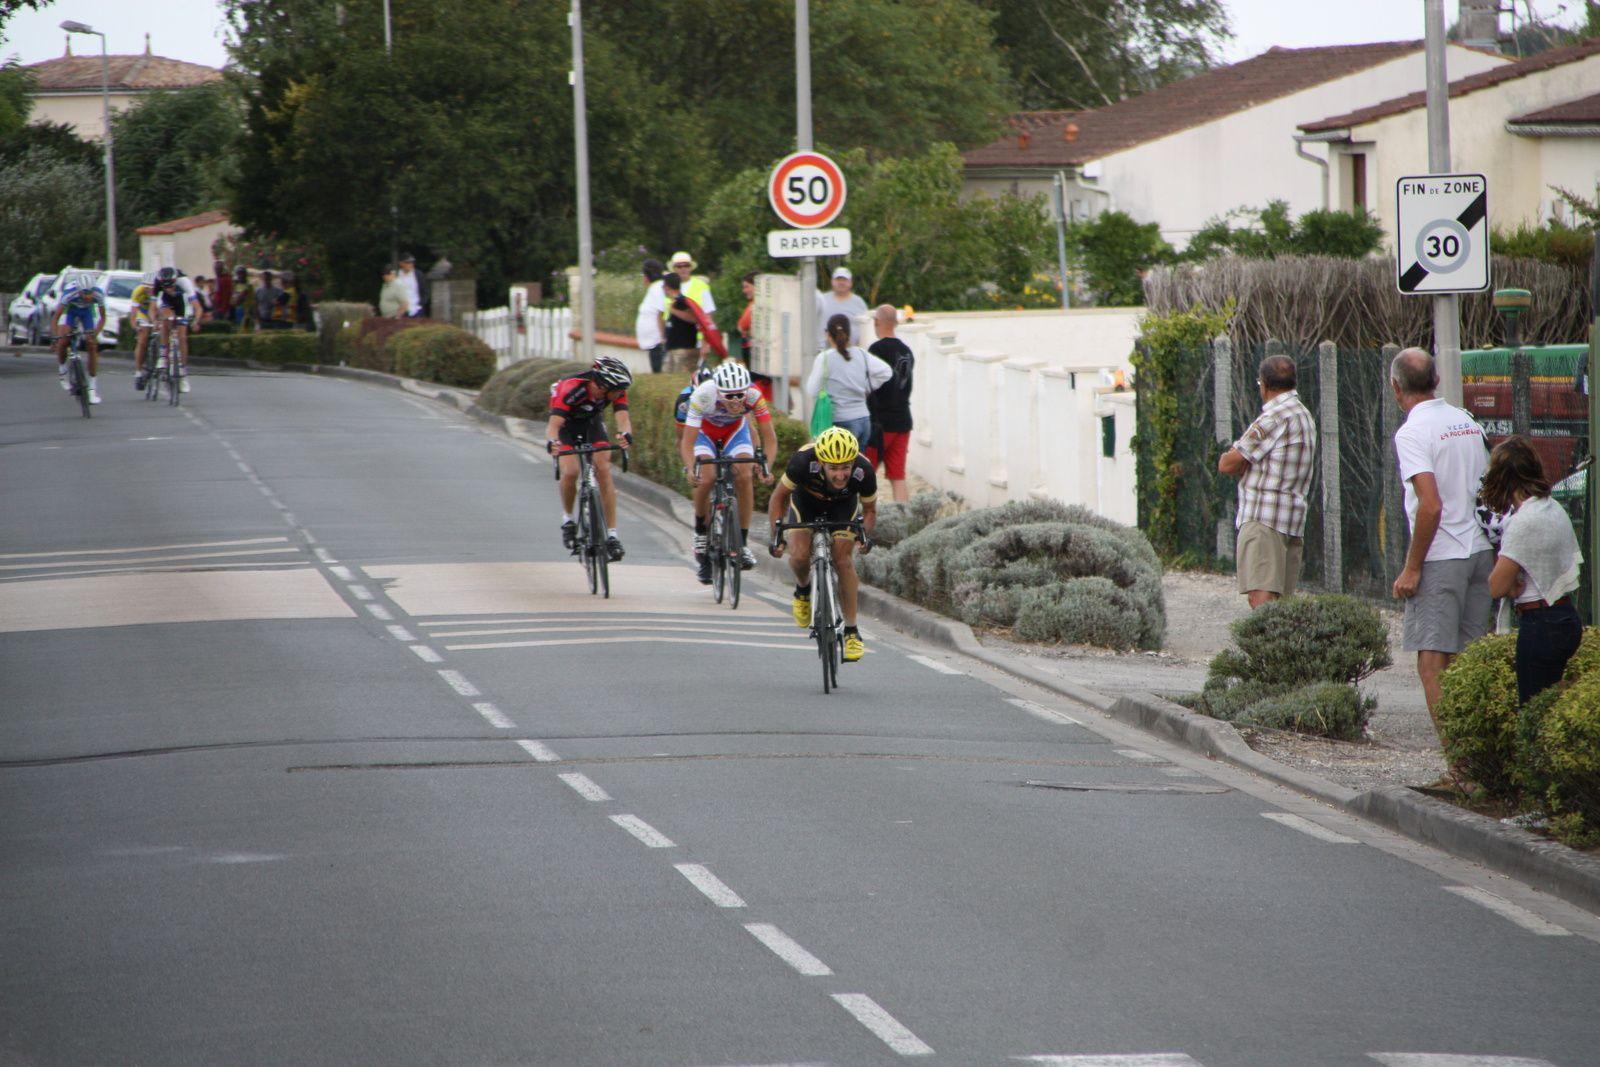 Ils  sont  4  à  se  disputer  le  sprint  final  remporté  par  Nicolas  LECLERC  devant  Antoine  LAMY  et  Luc  SOENEN